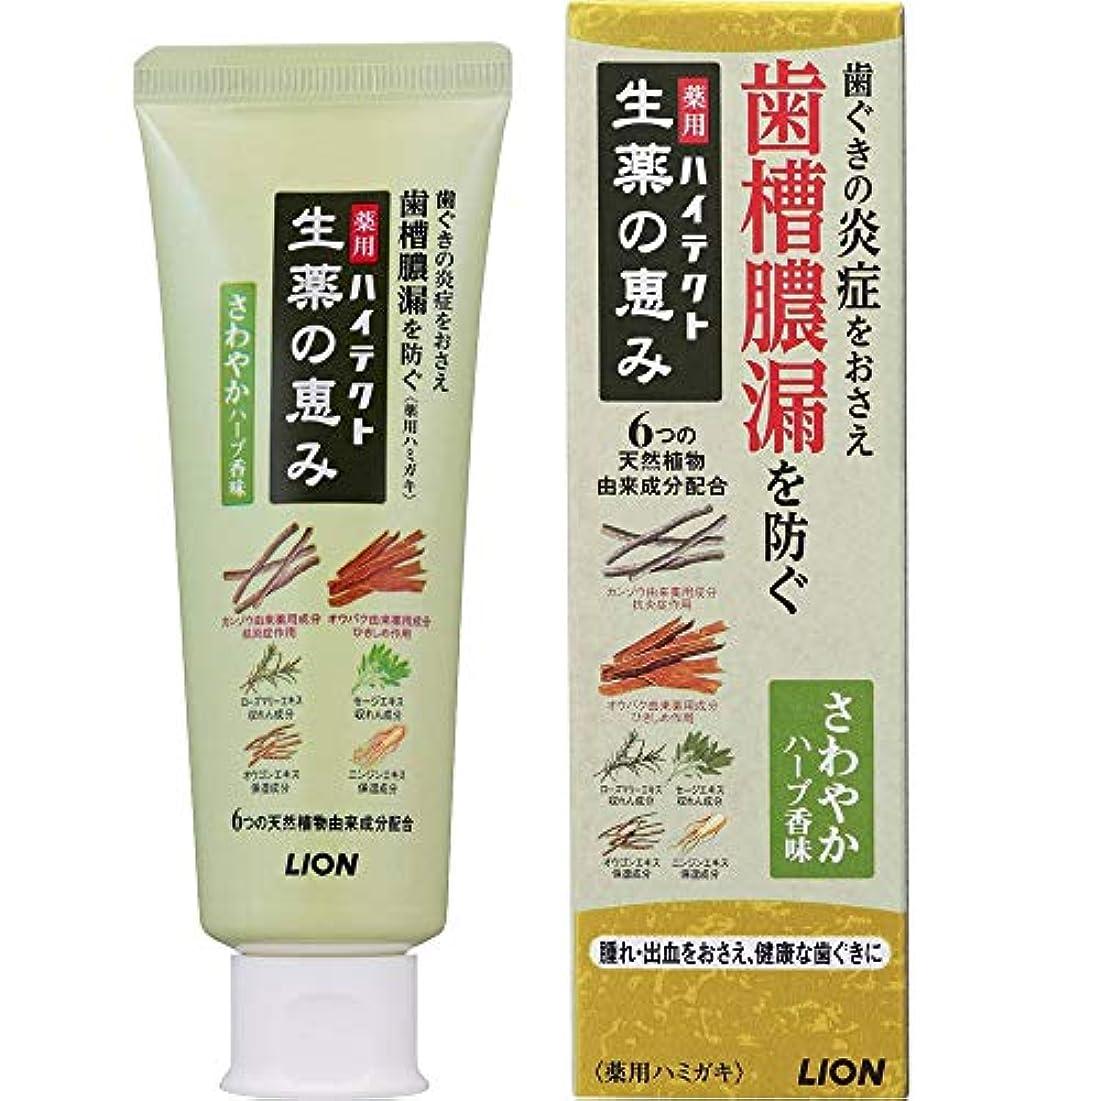 葉補助金怒る薬用ハイテクト生薬の恵み さわやかハーブ香味 90g